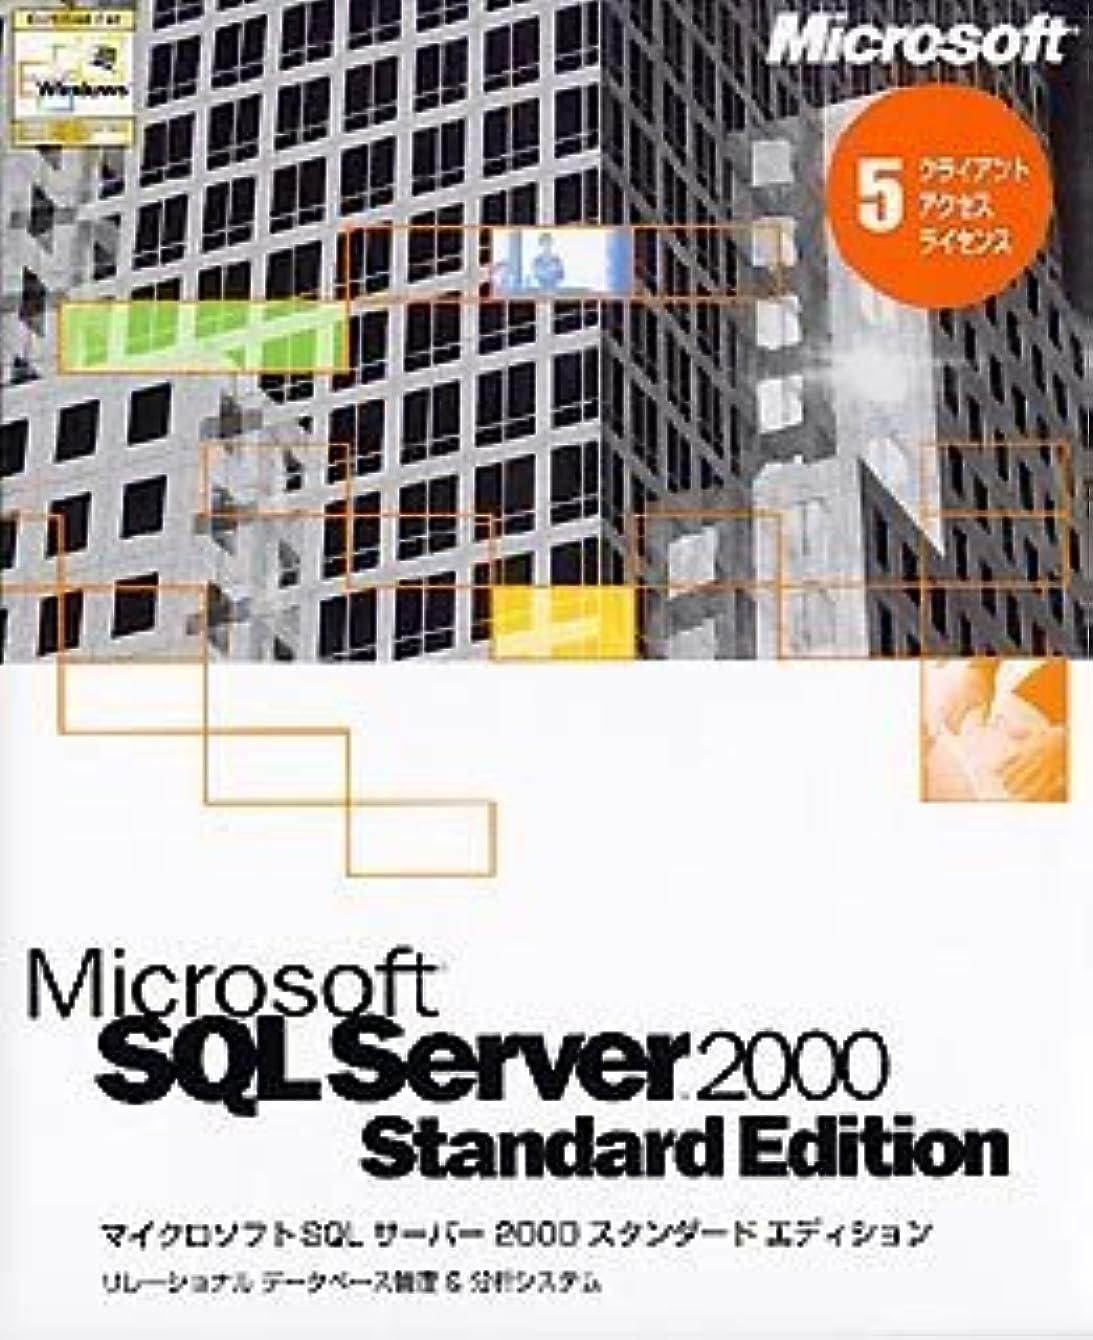 篭キリストホイッスルMicrosoft SQL Server2000 Standard Edition 5クライアントアクセスライセンス付